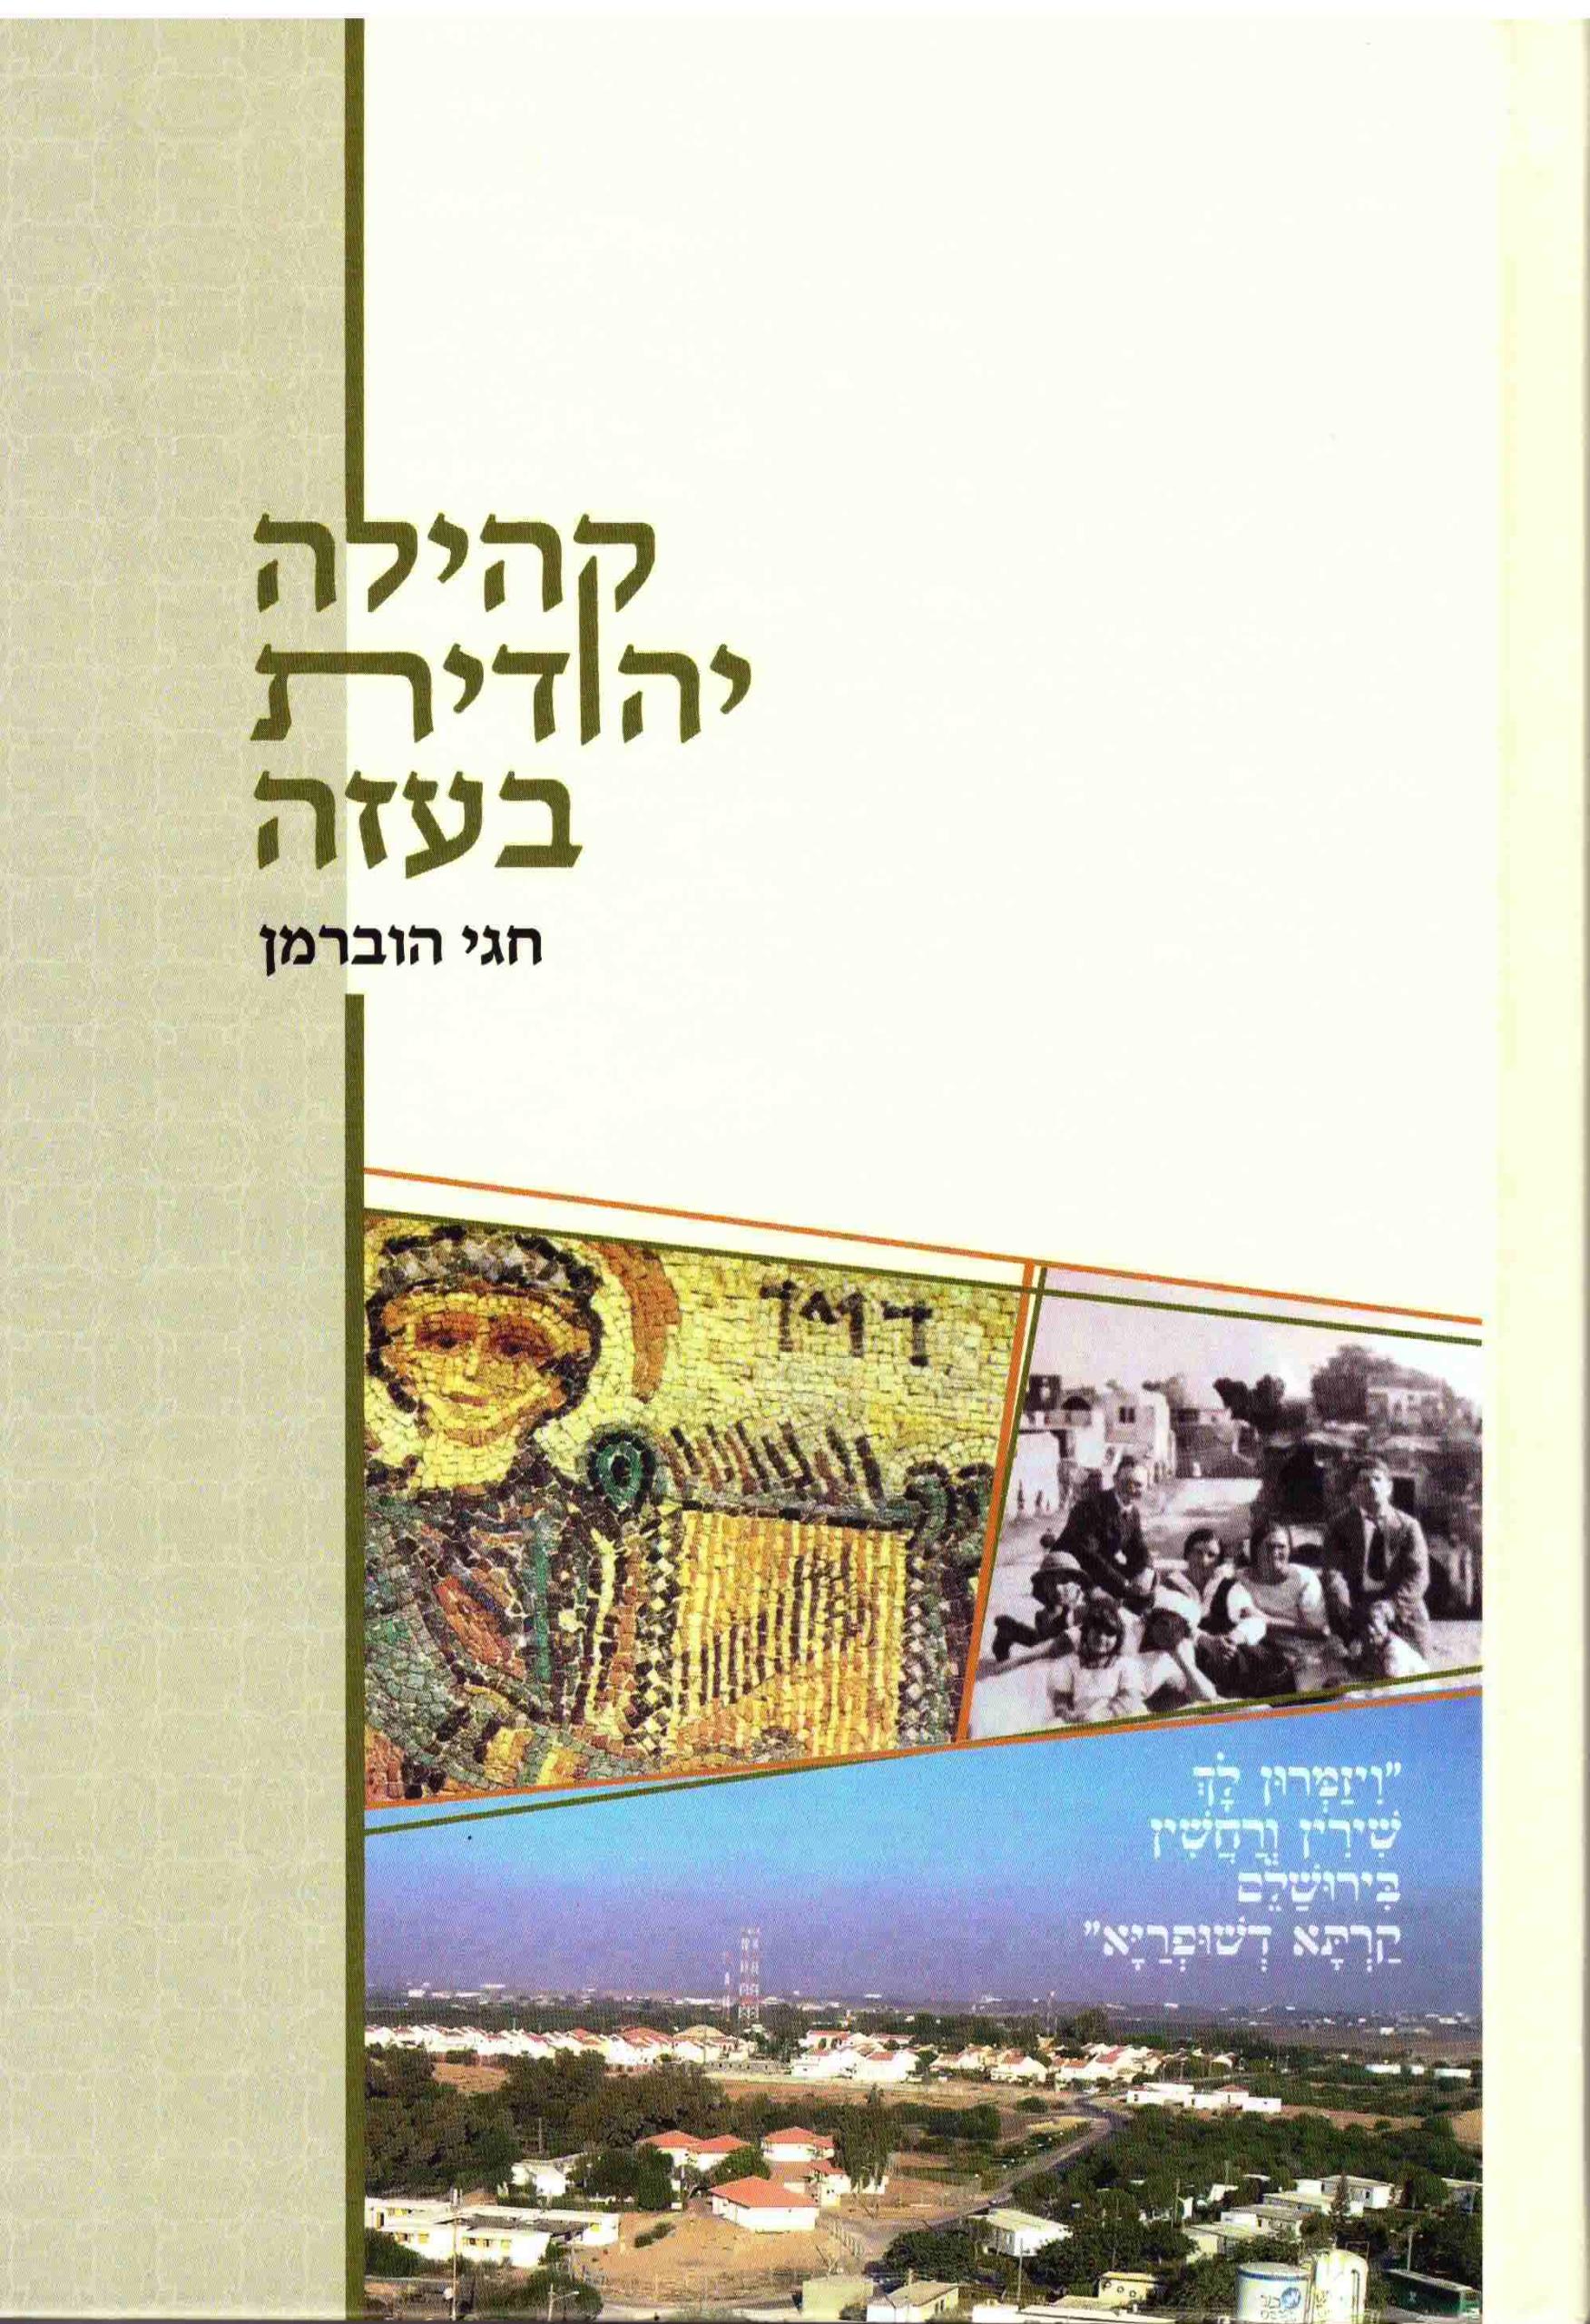 קהילה יהודית בעזה